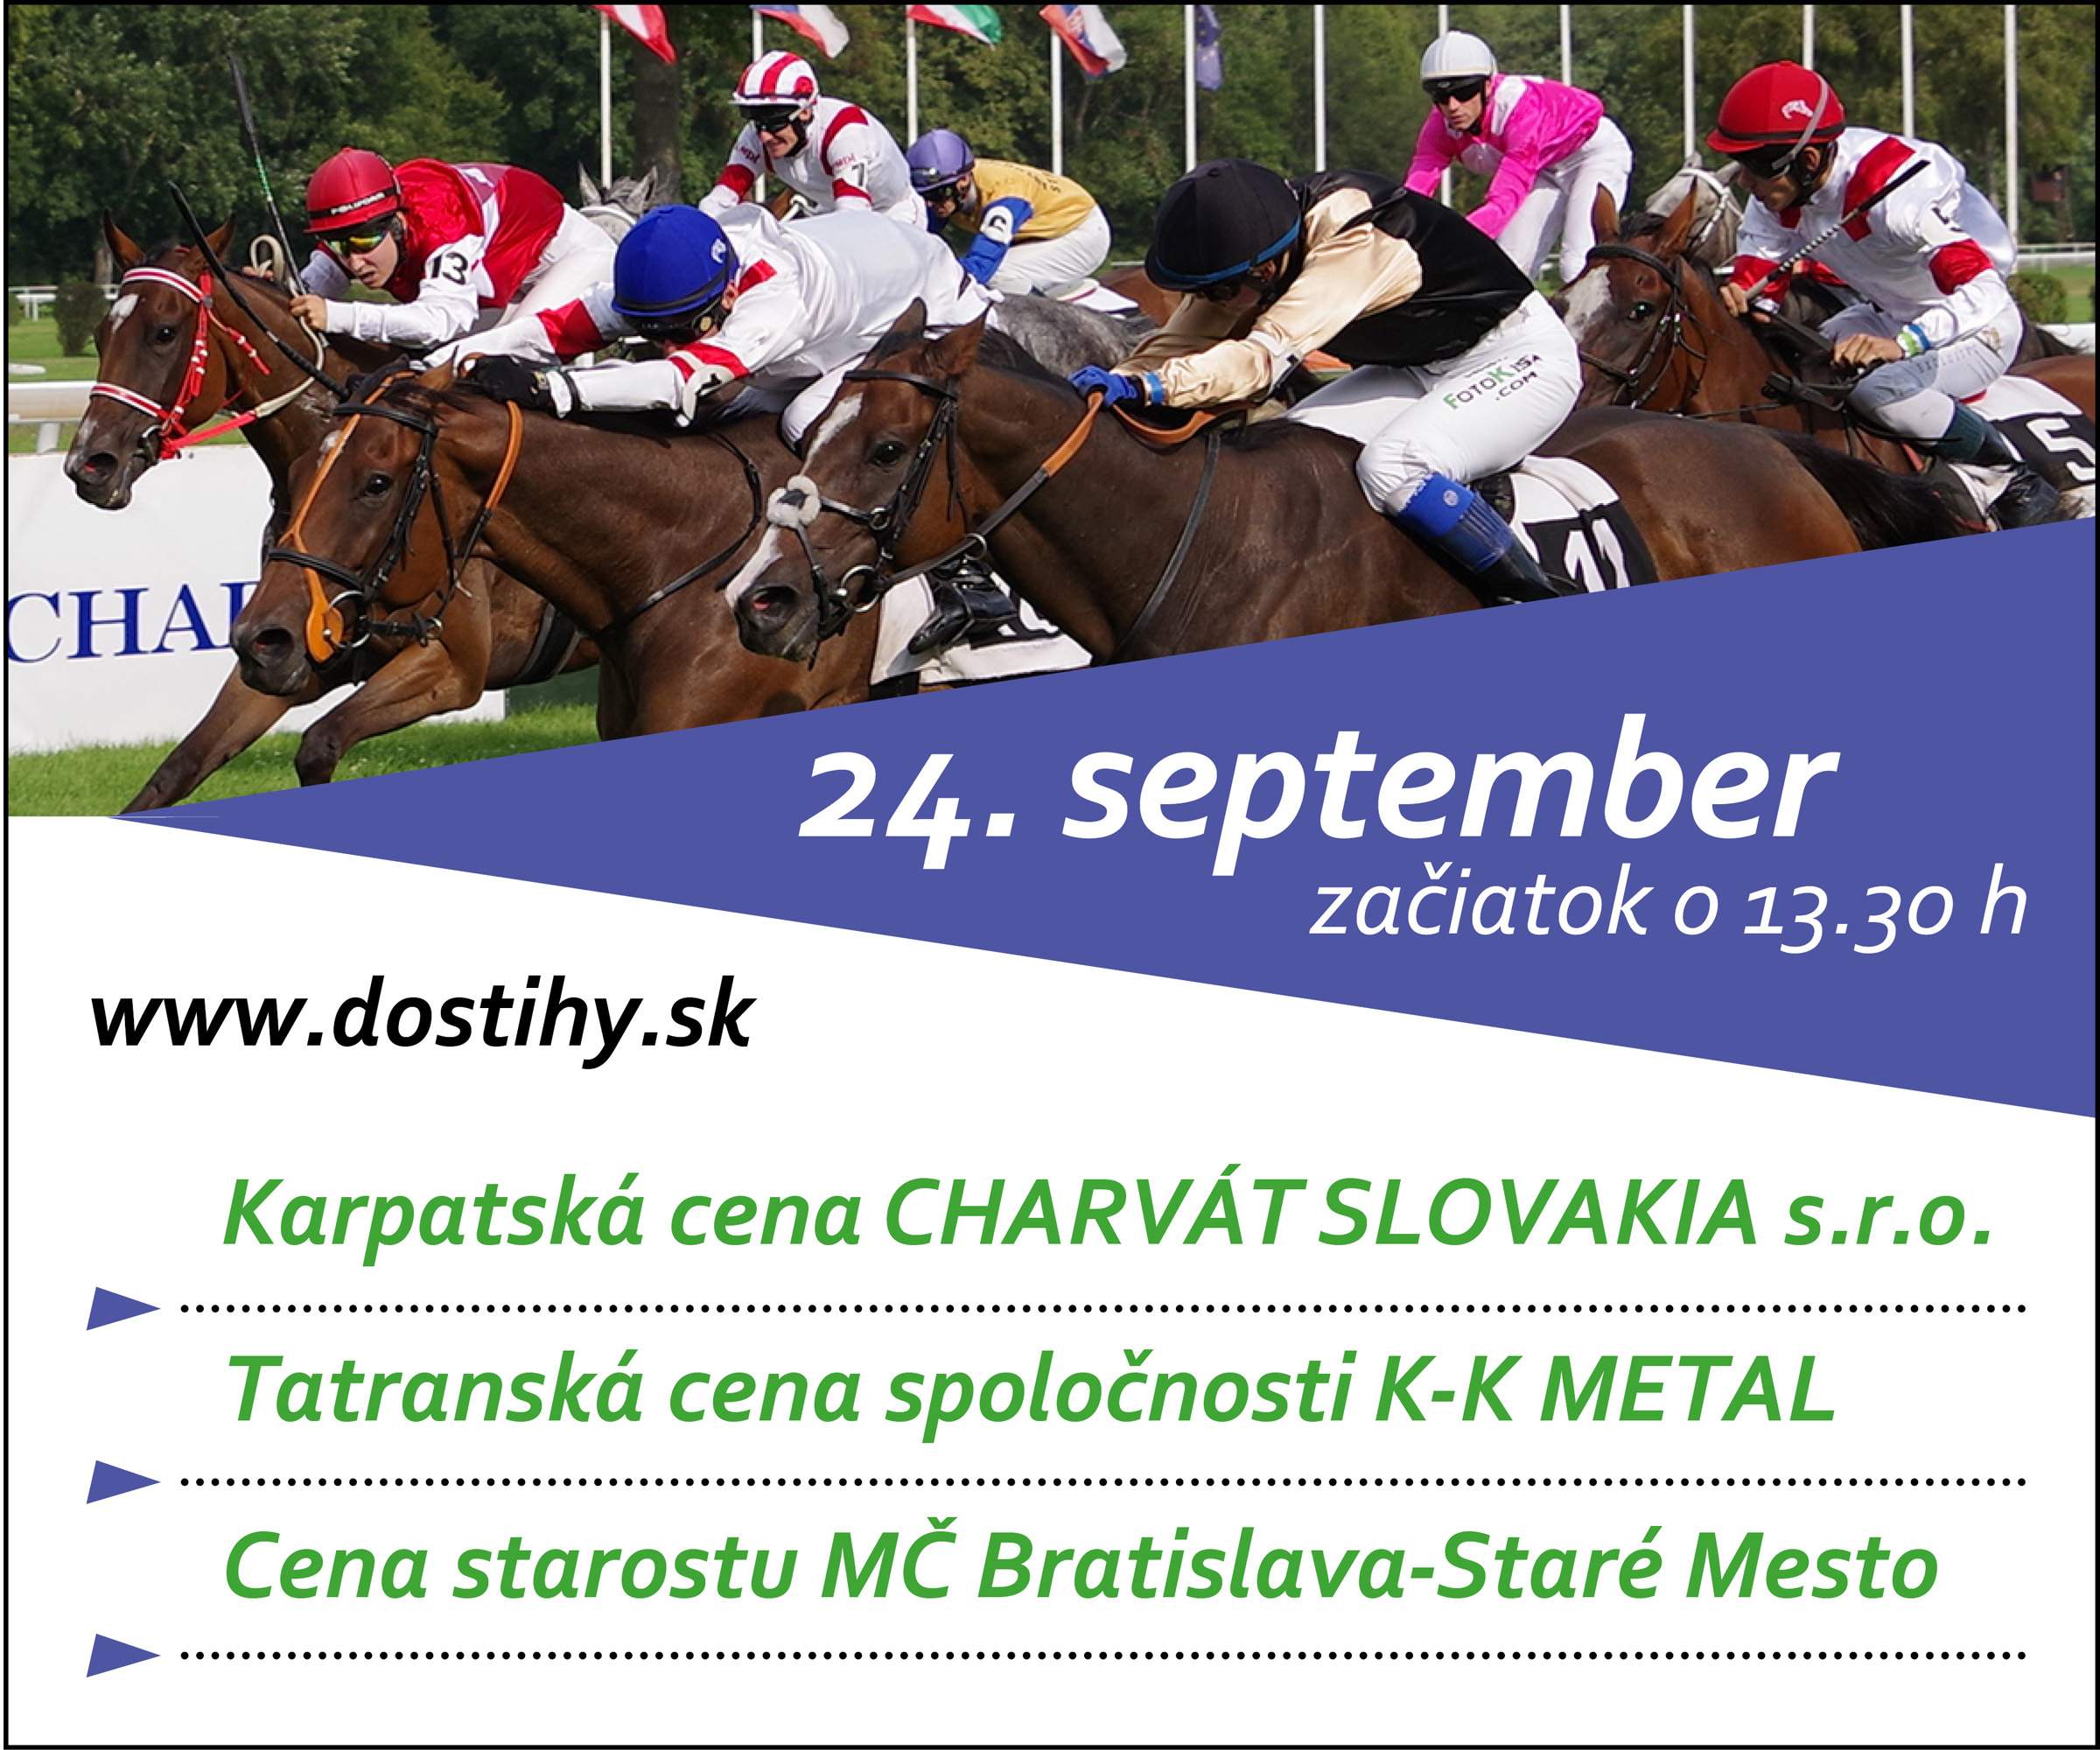 SB, PSB – Dostihy – 21.09 – 24.09.2017